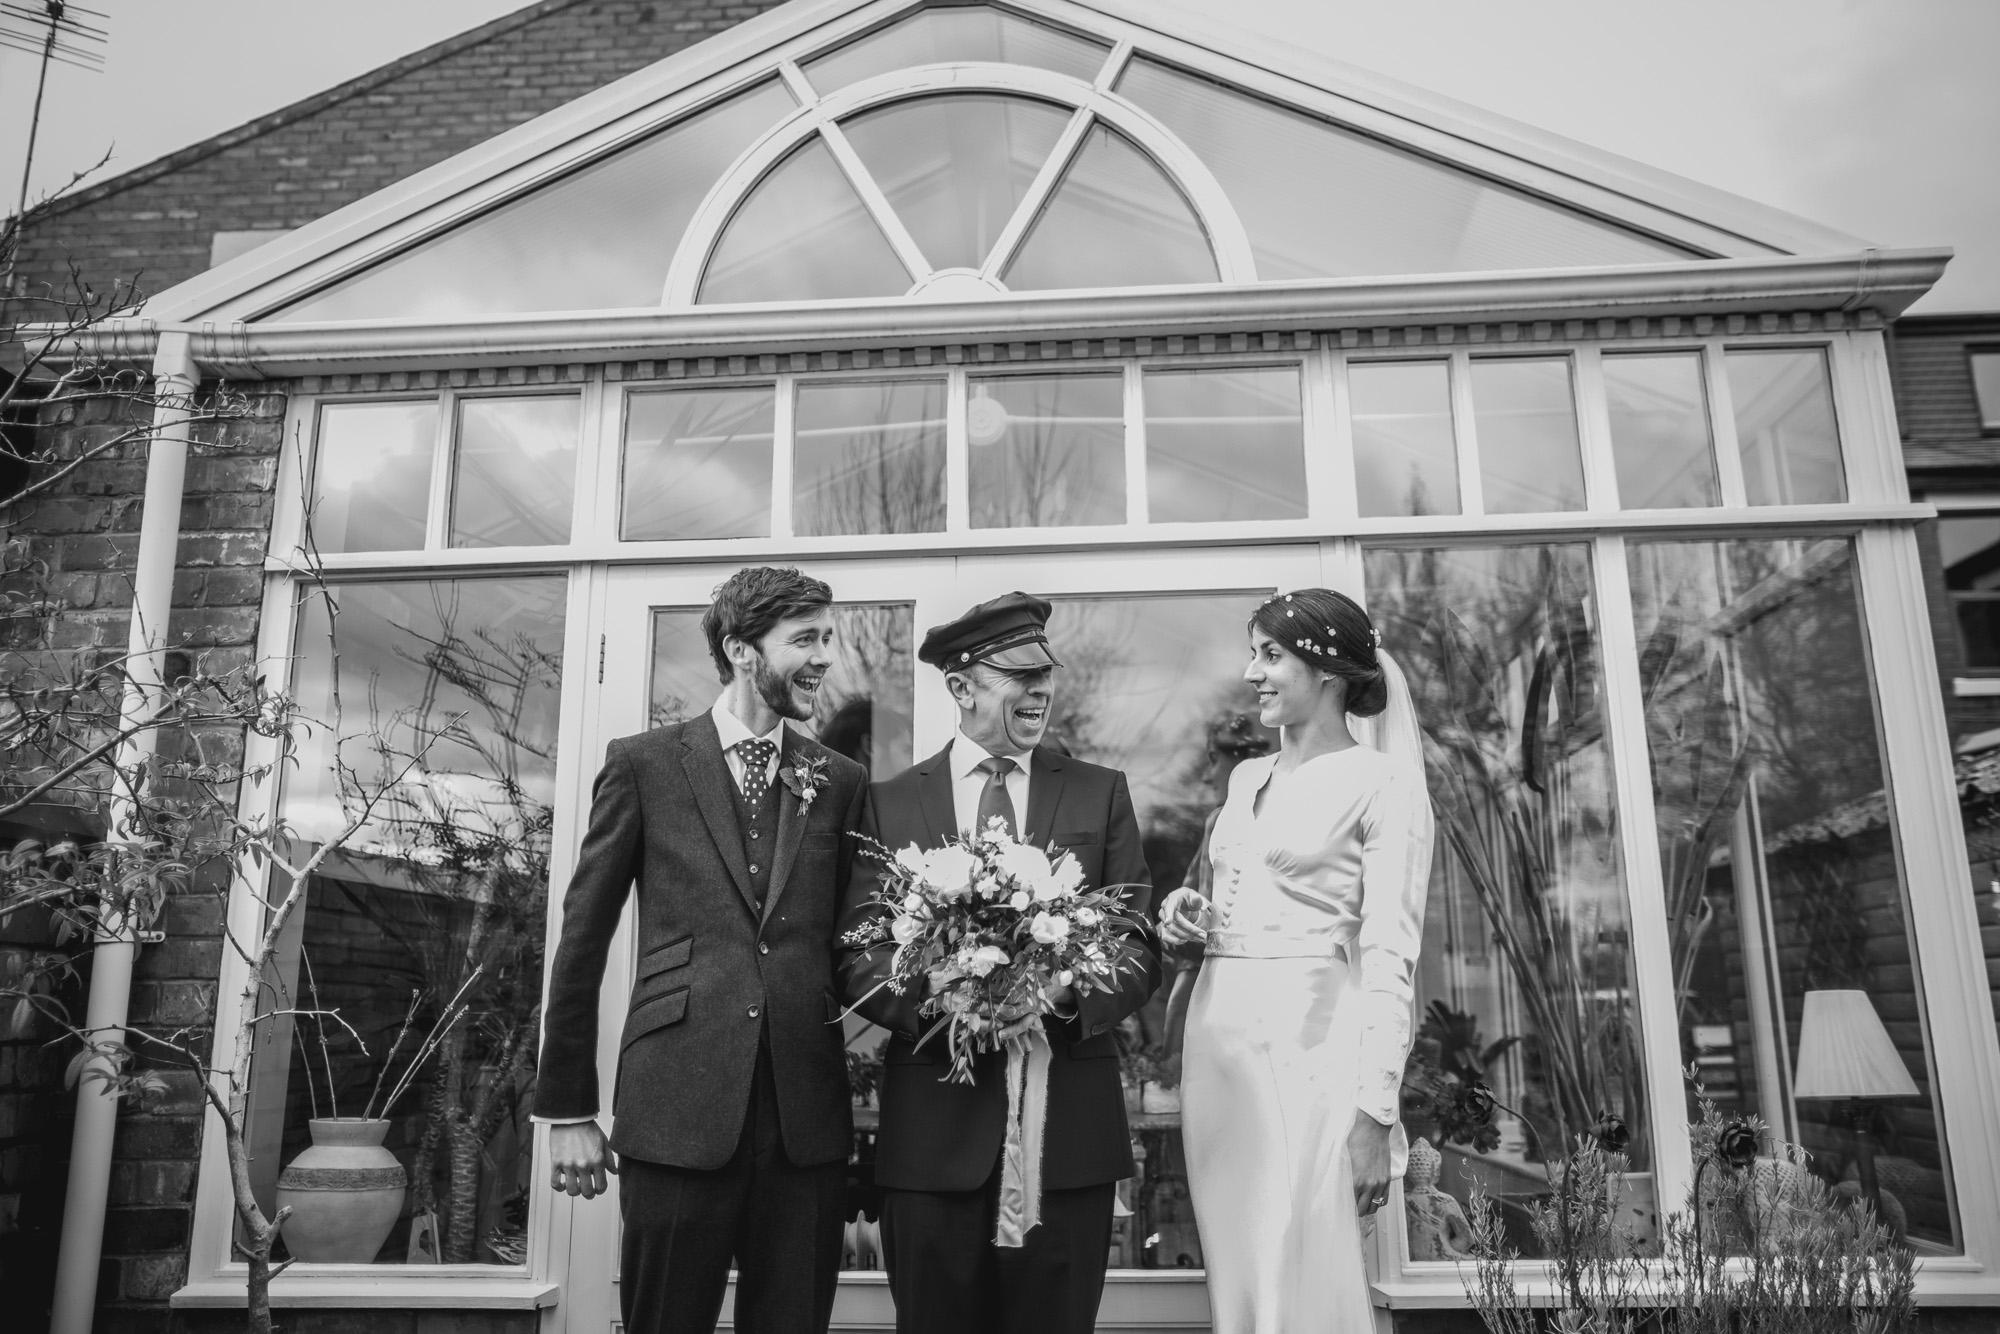 Kate-Elegant-Original-Vintage-1930s-Wedding-Gown-Kate-Beaumont-Sheffield-29.jpg